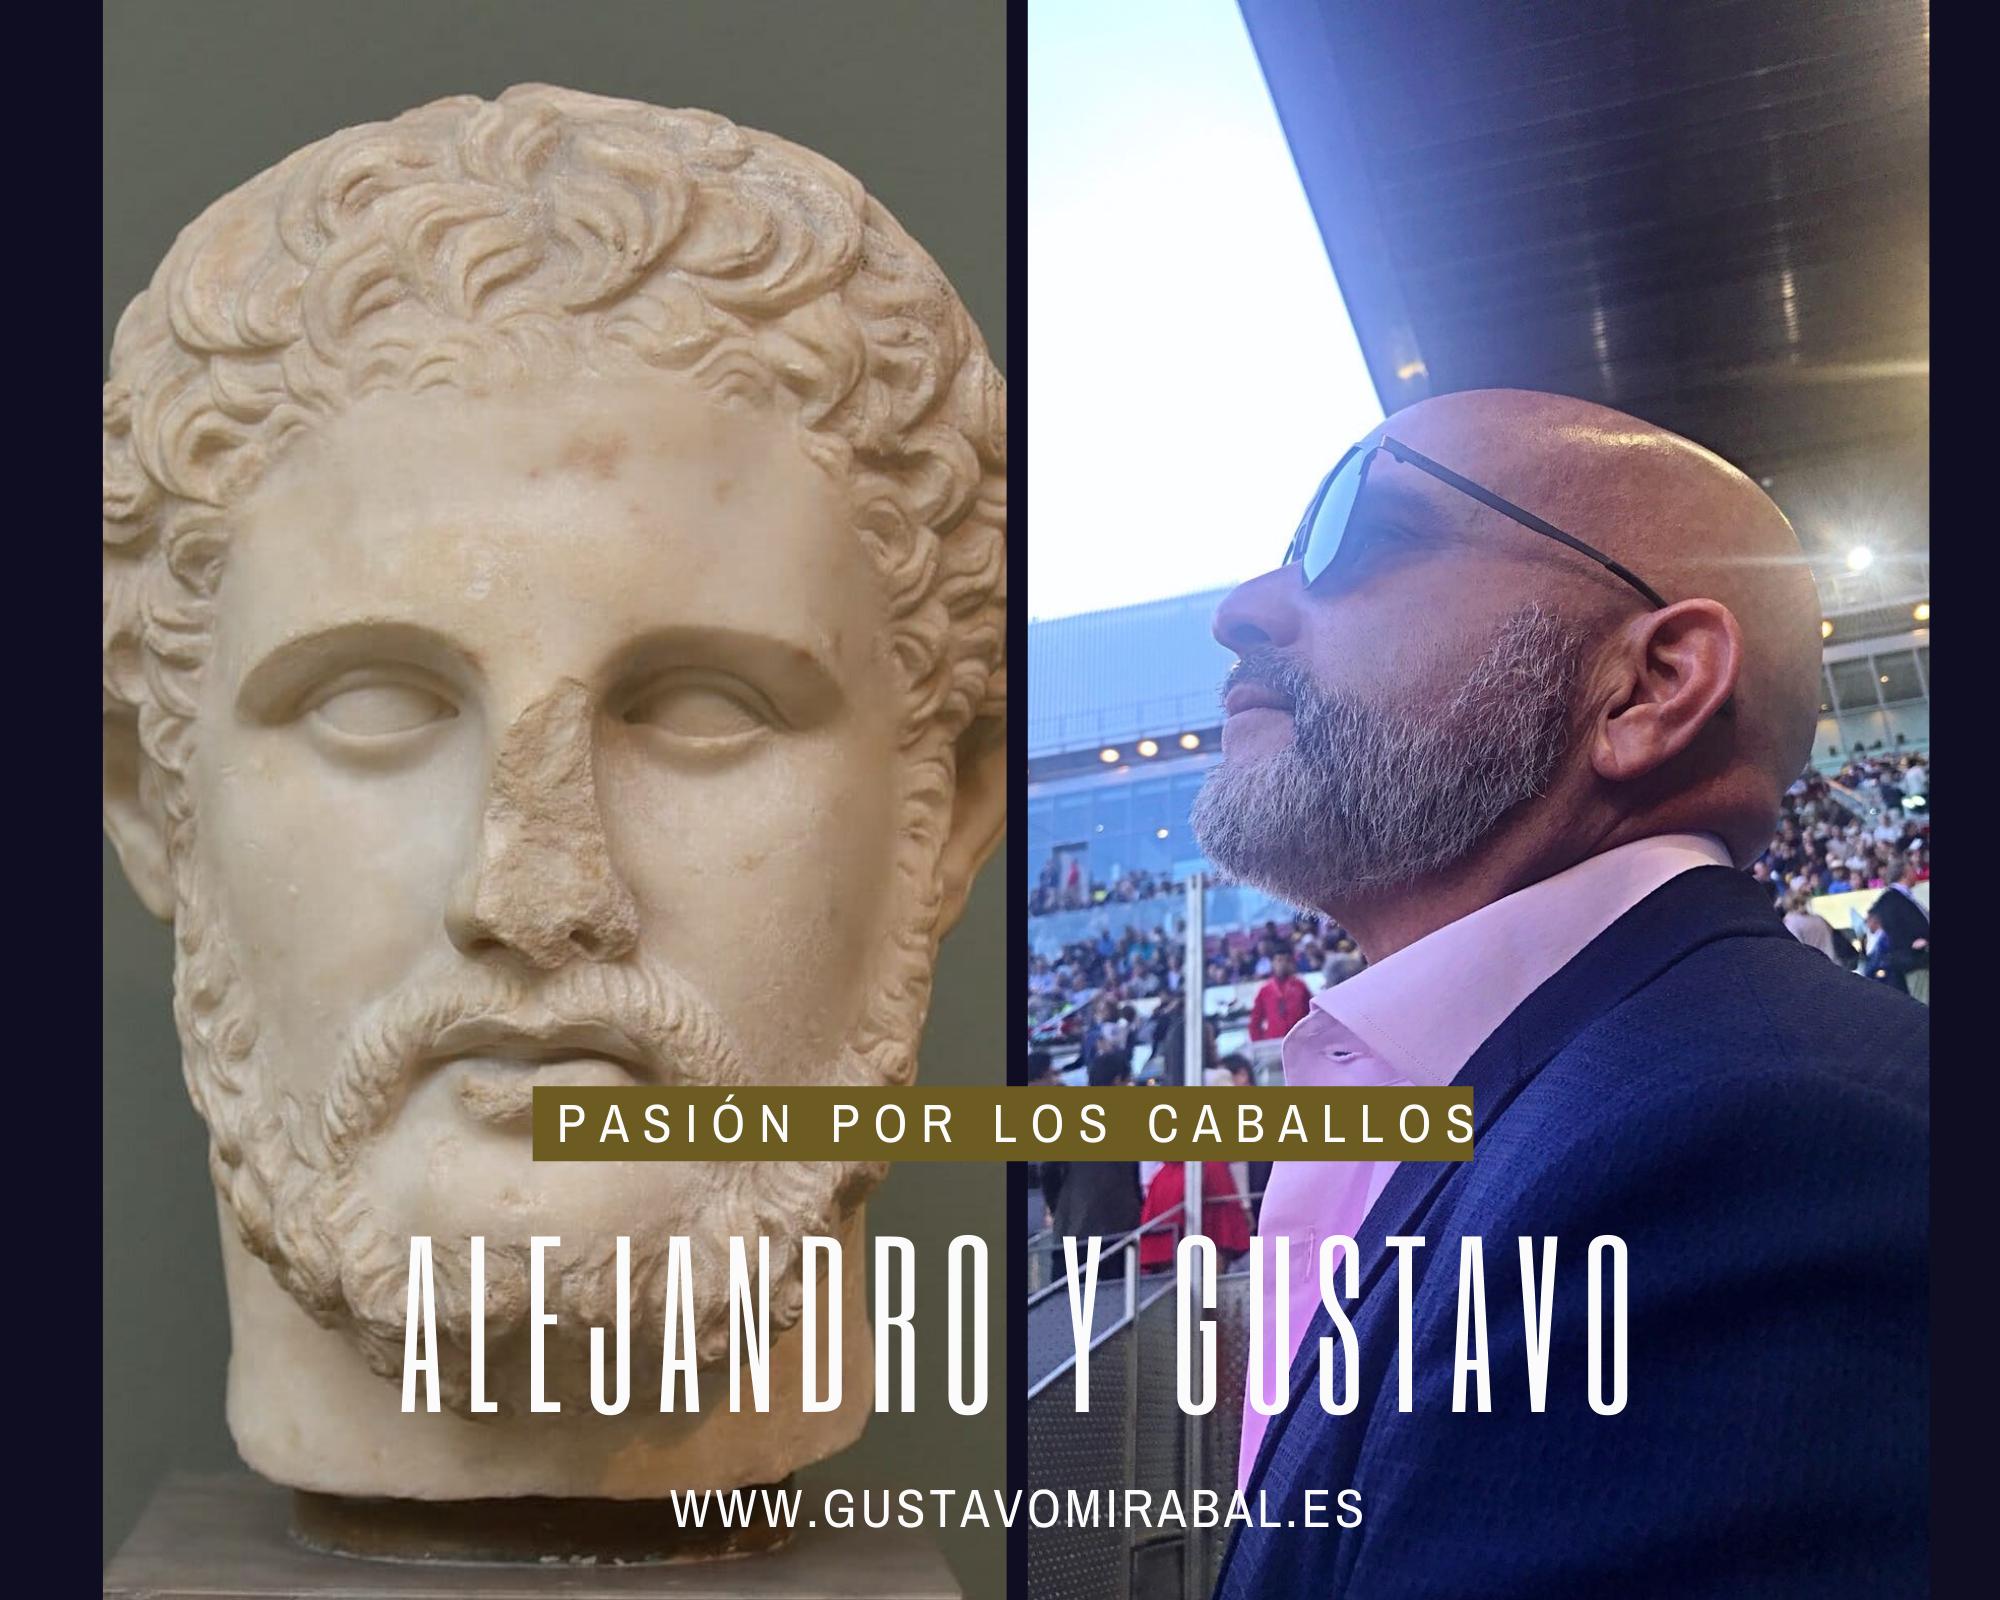 Alejandro y Gustavo Mirabal pasión por los caballos